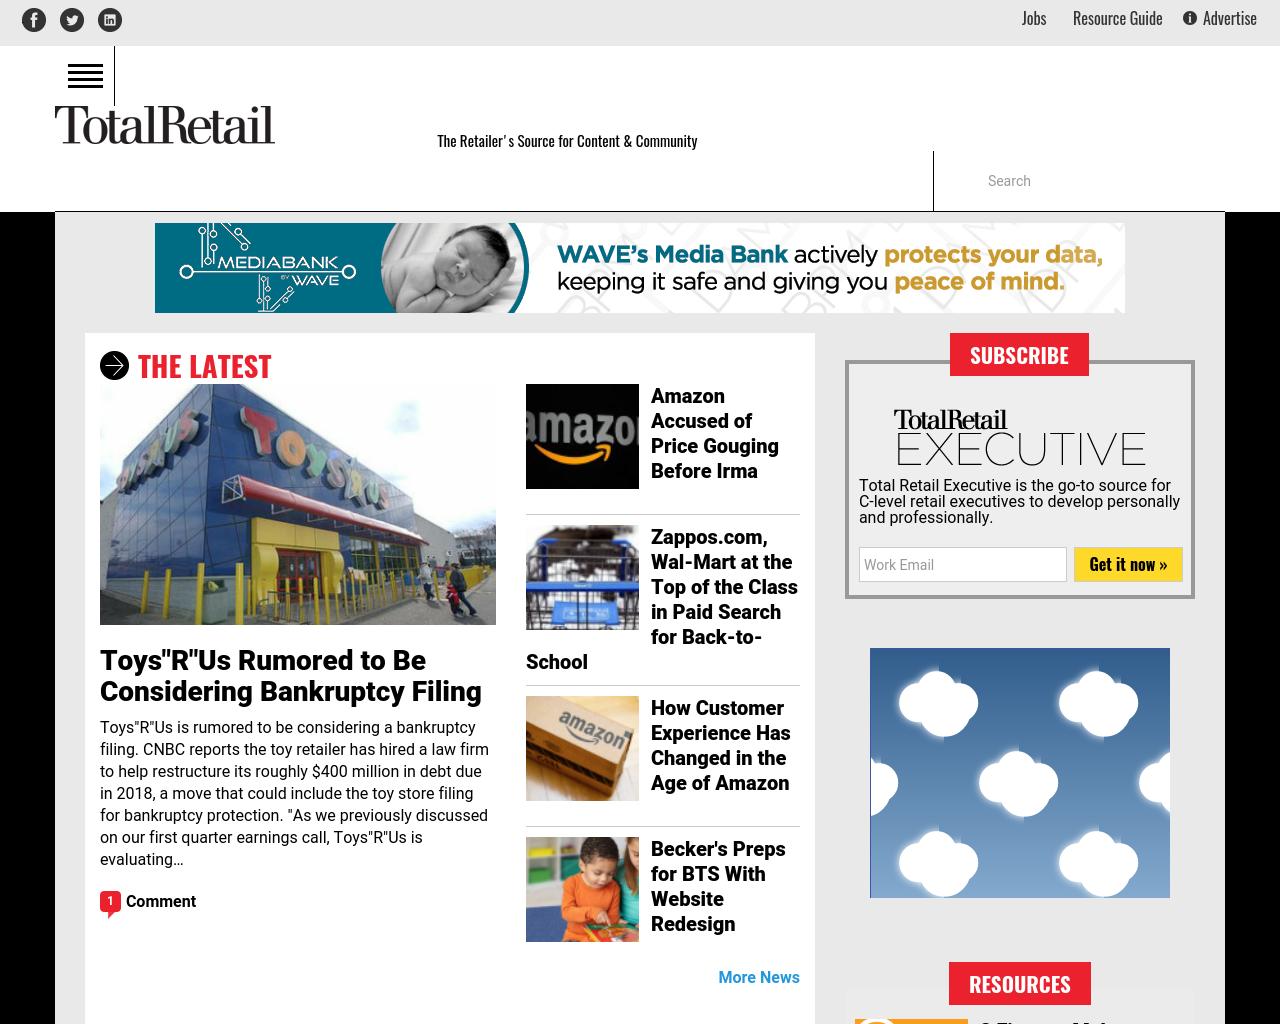 TotalRetail-Advertising-Reviews-Pricing